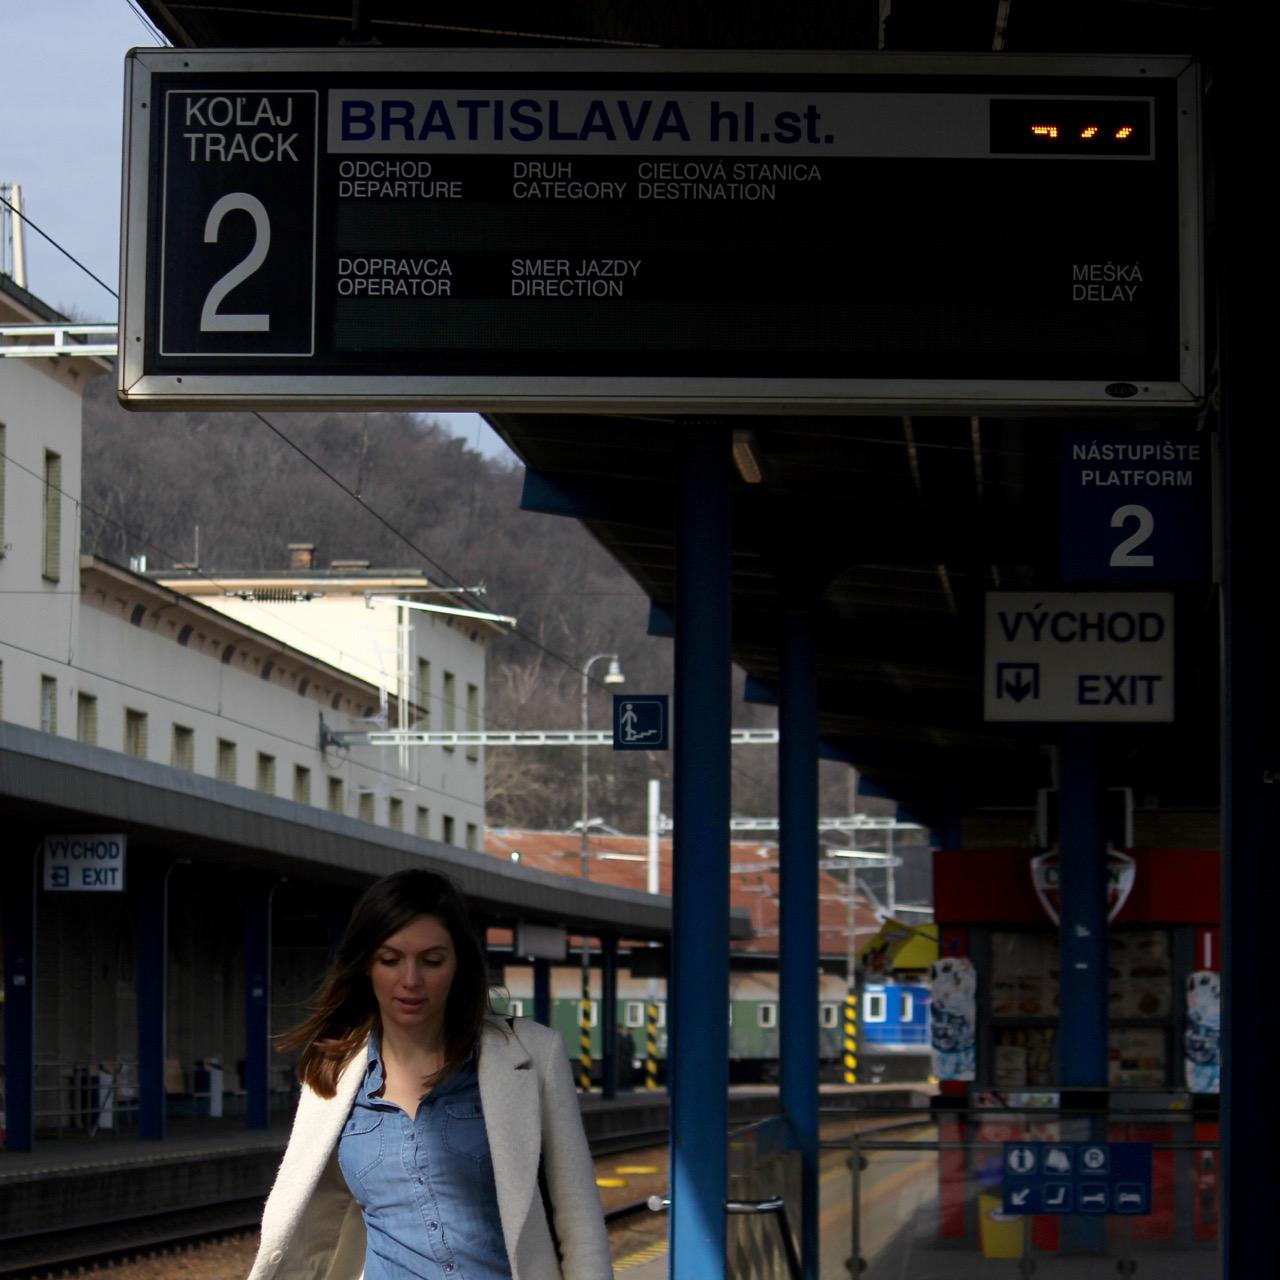 Bratislava, Slovakia - 20